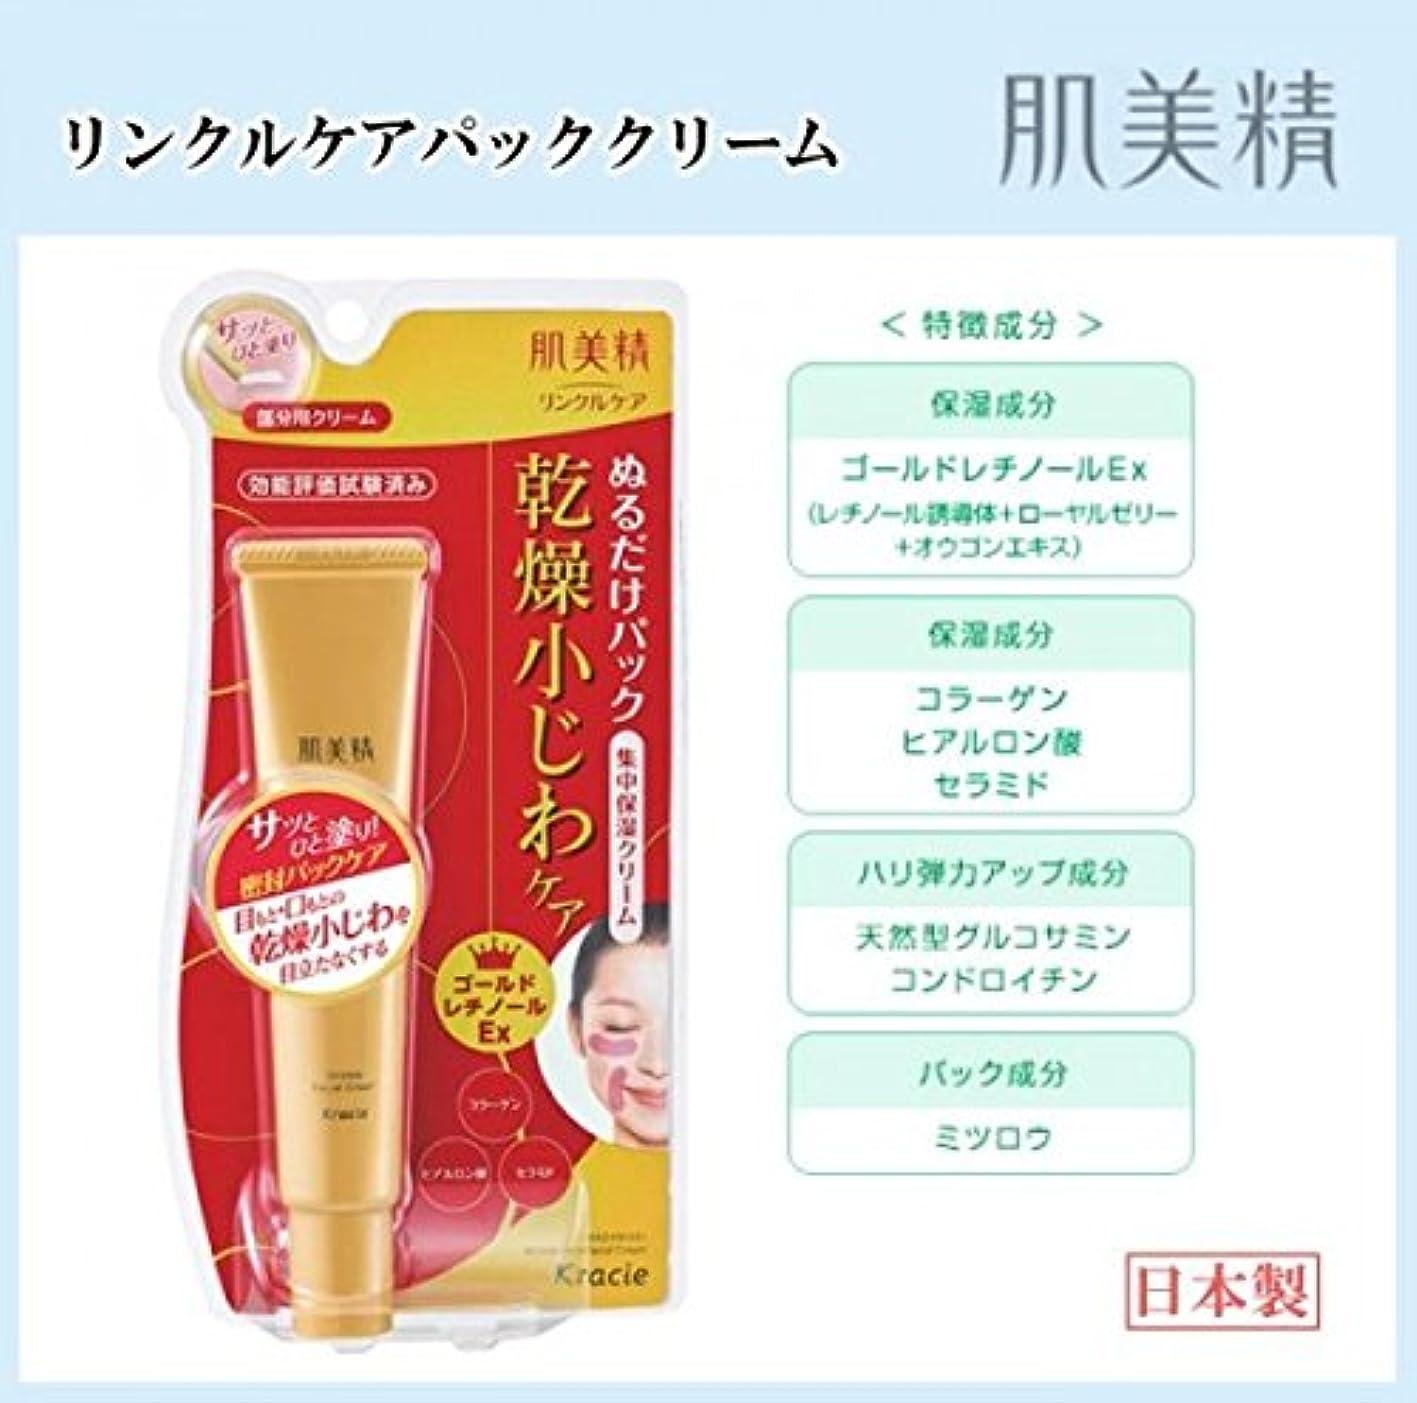 才能ビバ基本的な【クラシエ】肌美精 リフト保湿リンクルパッククリーム 30g